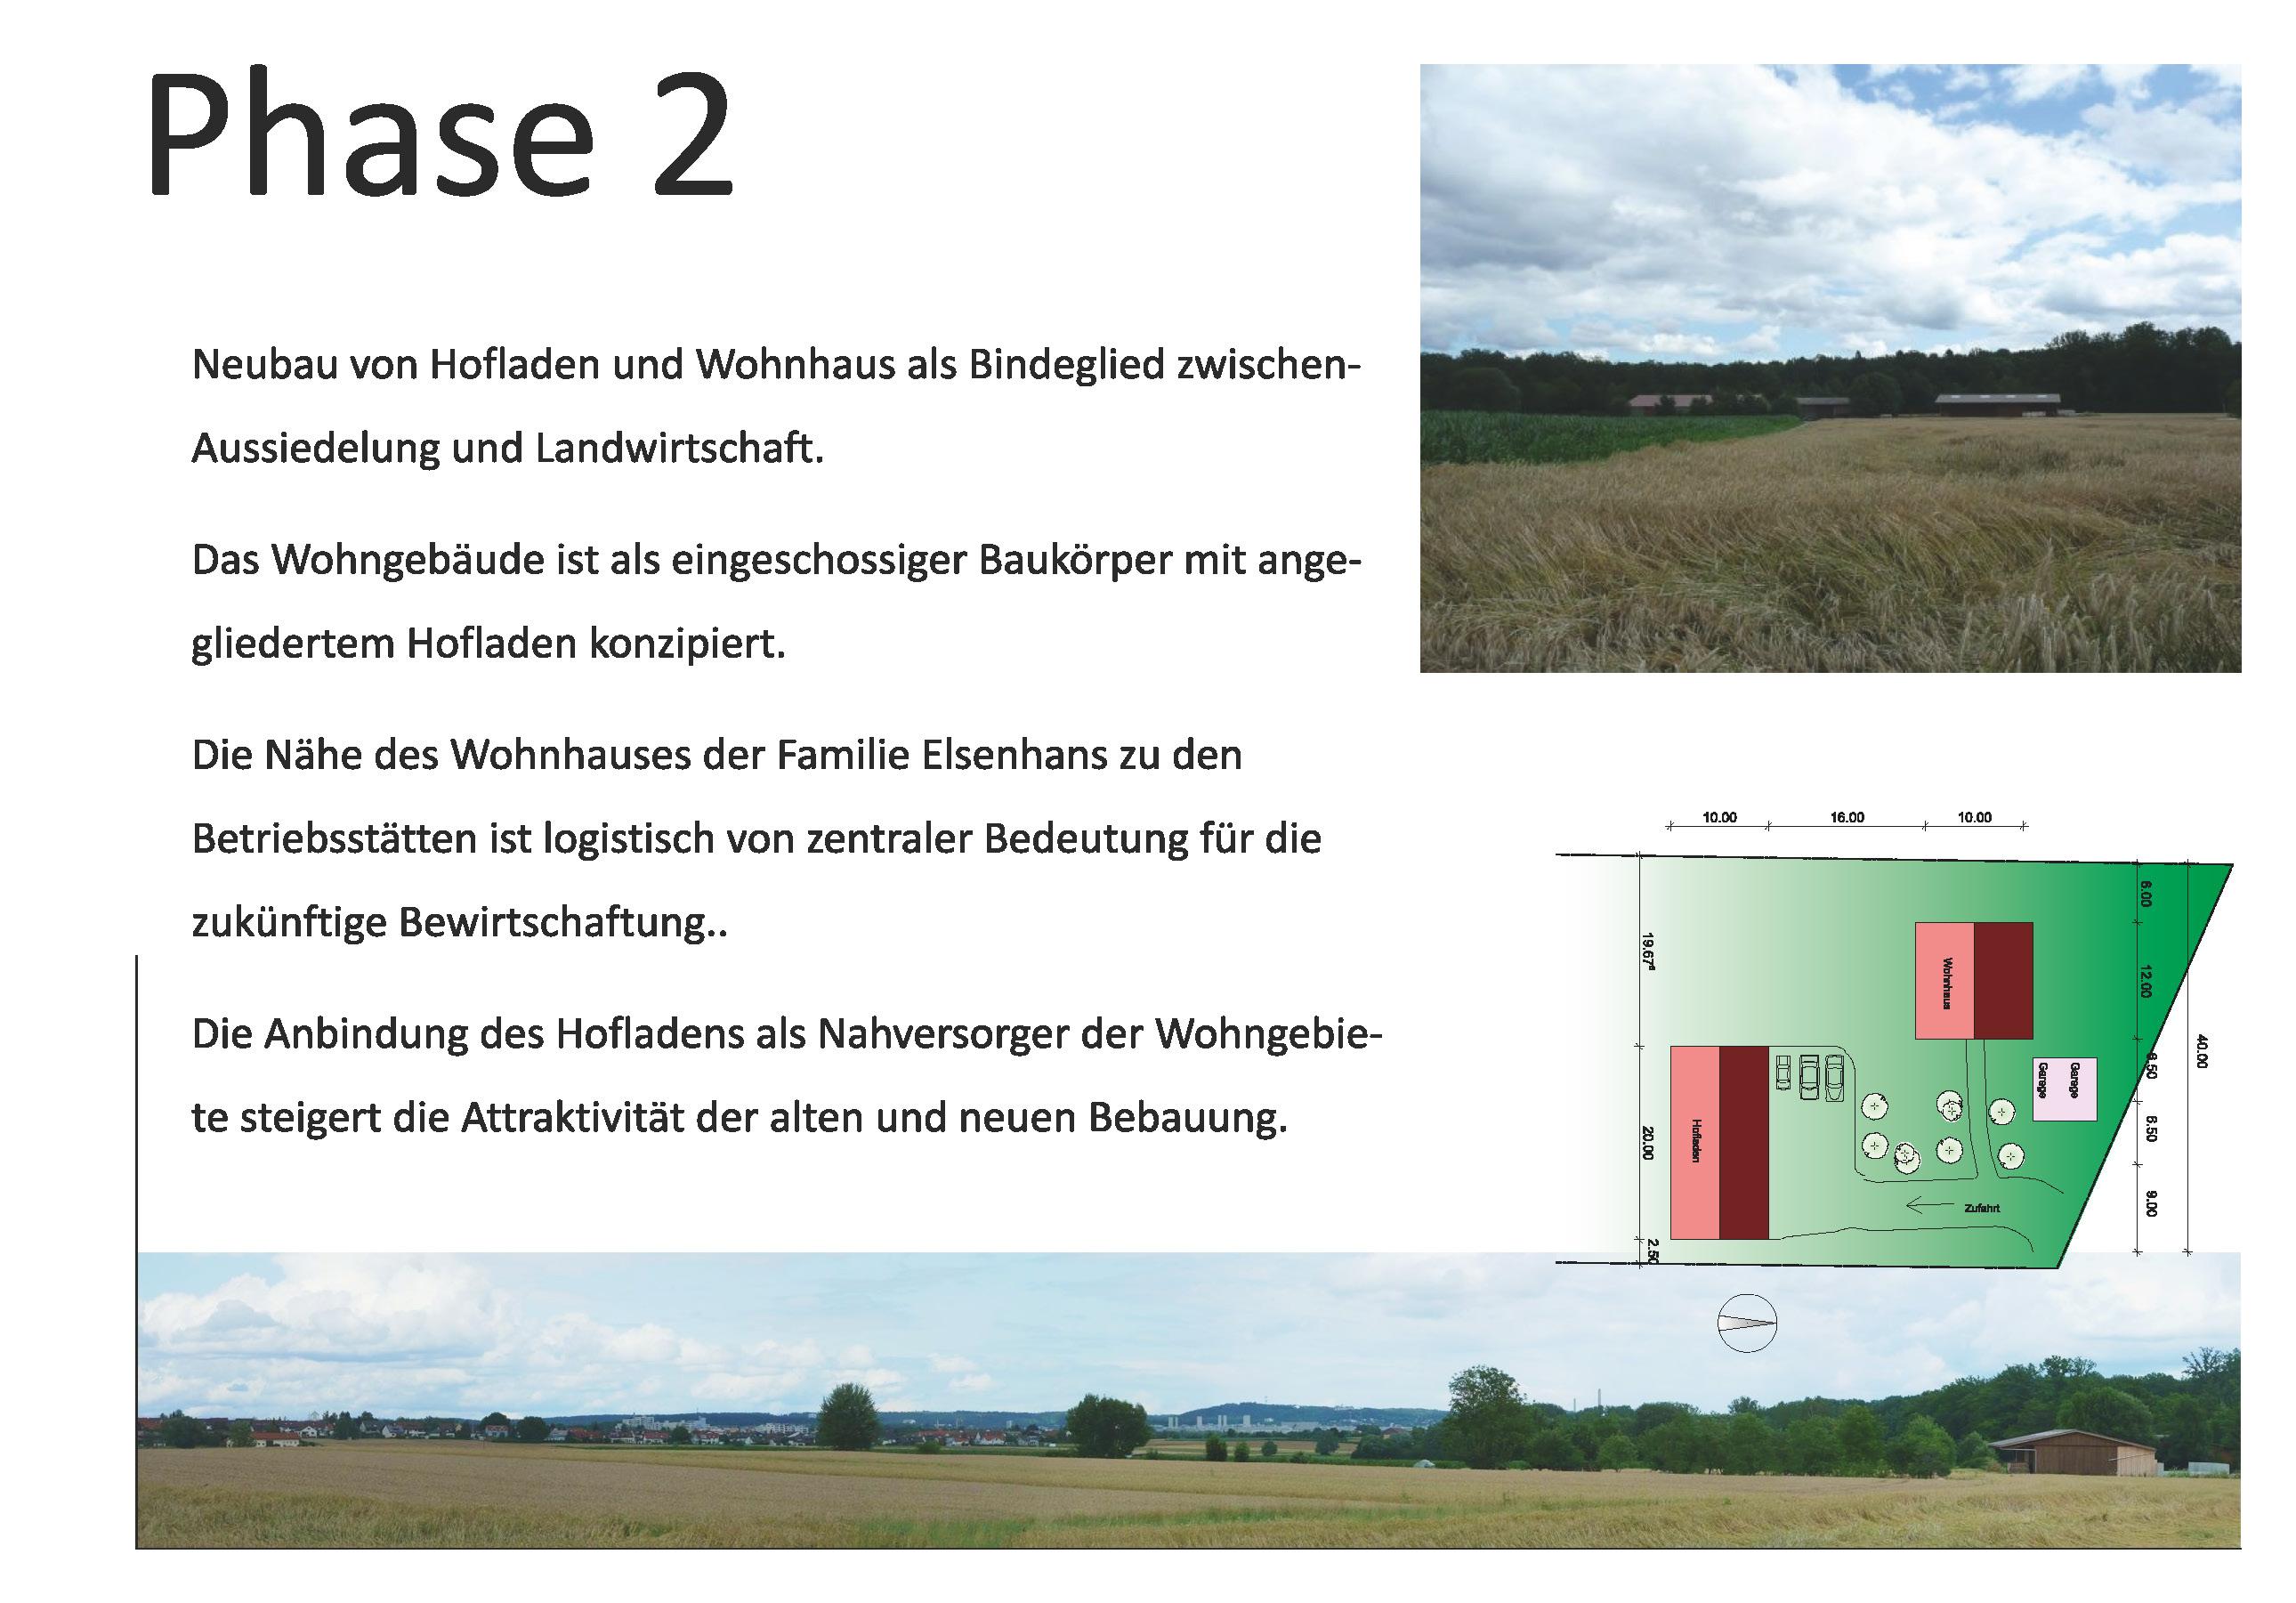 nachhaltige landwirtschaft präsentation